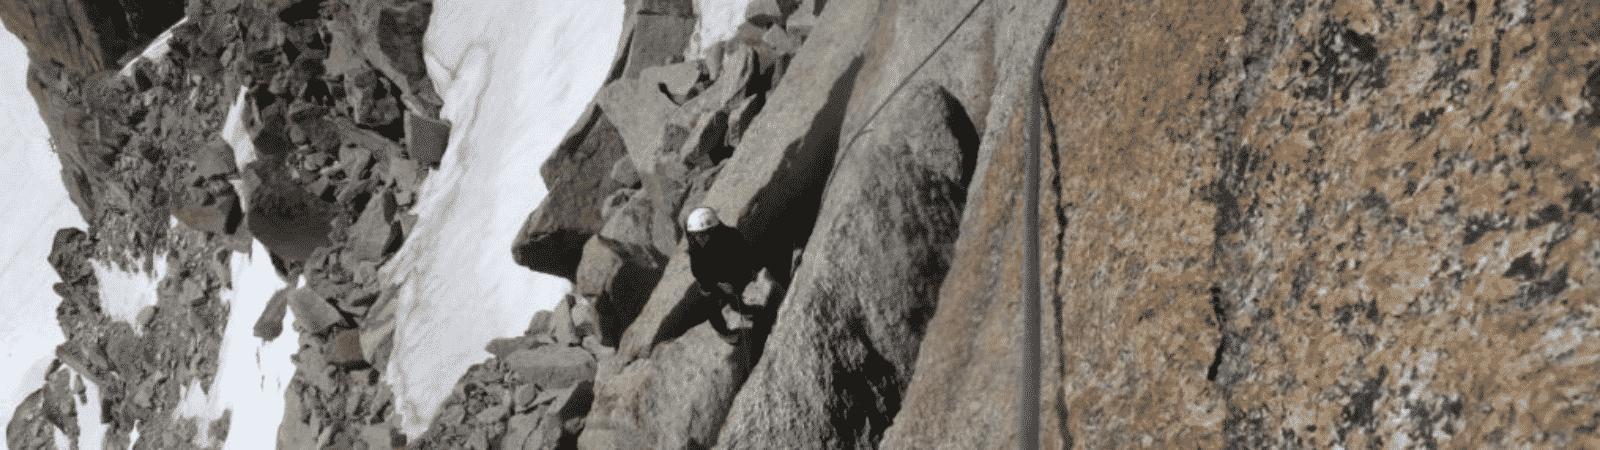 Arête des Cosmiques / Cosmiques ridge